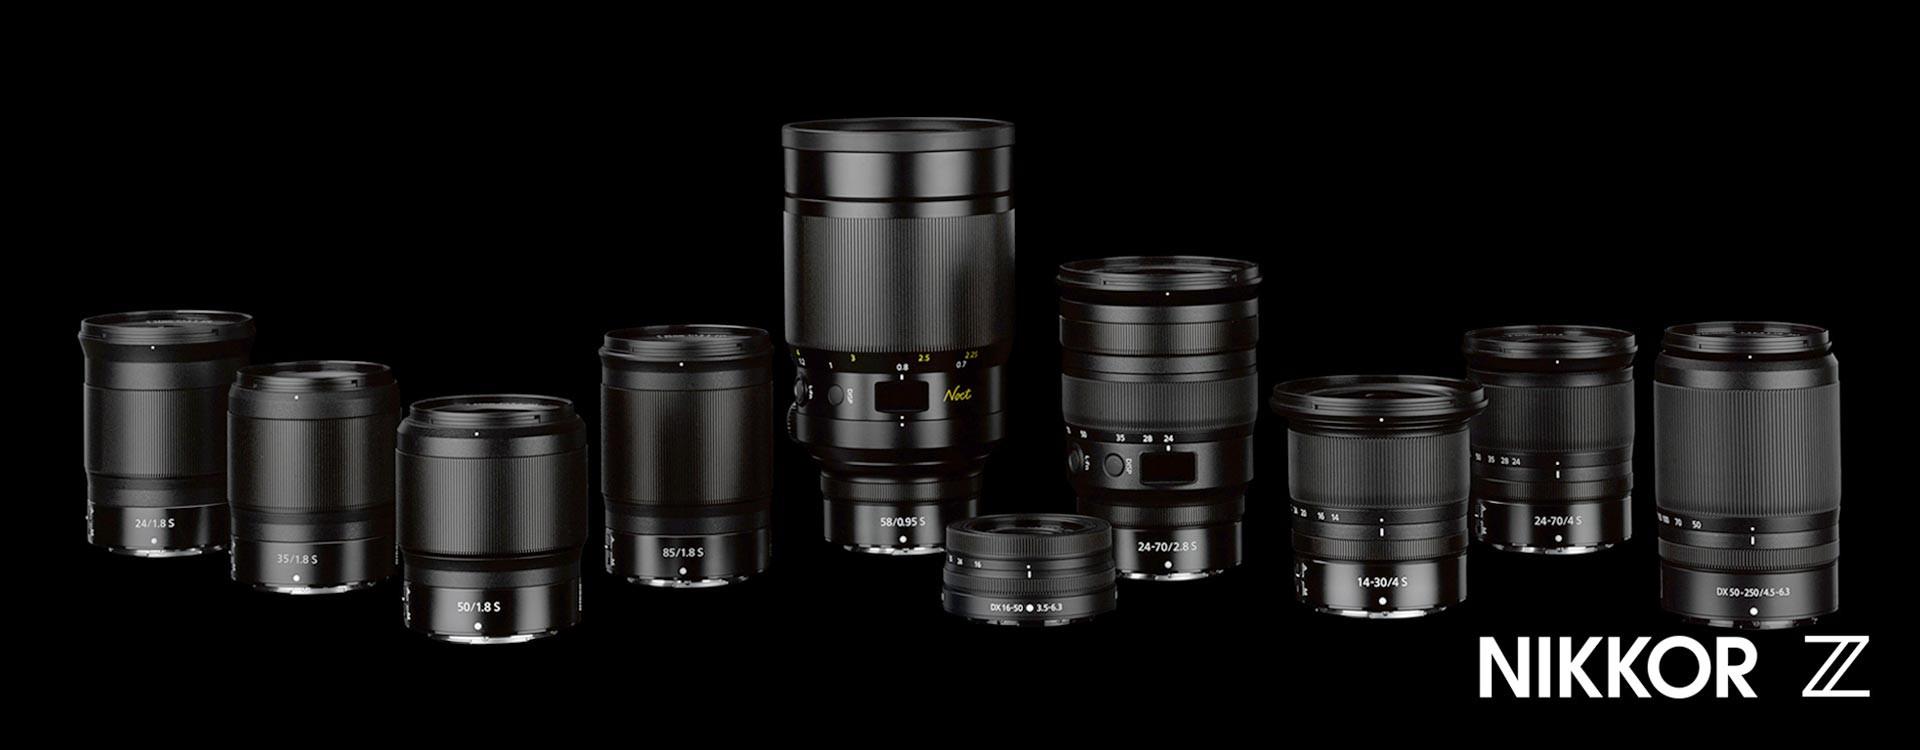 Nowości od Nikona z serii Z - Czego możemy się spodziewać w najbliższym czasie?